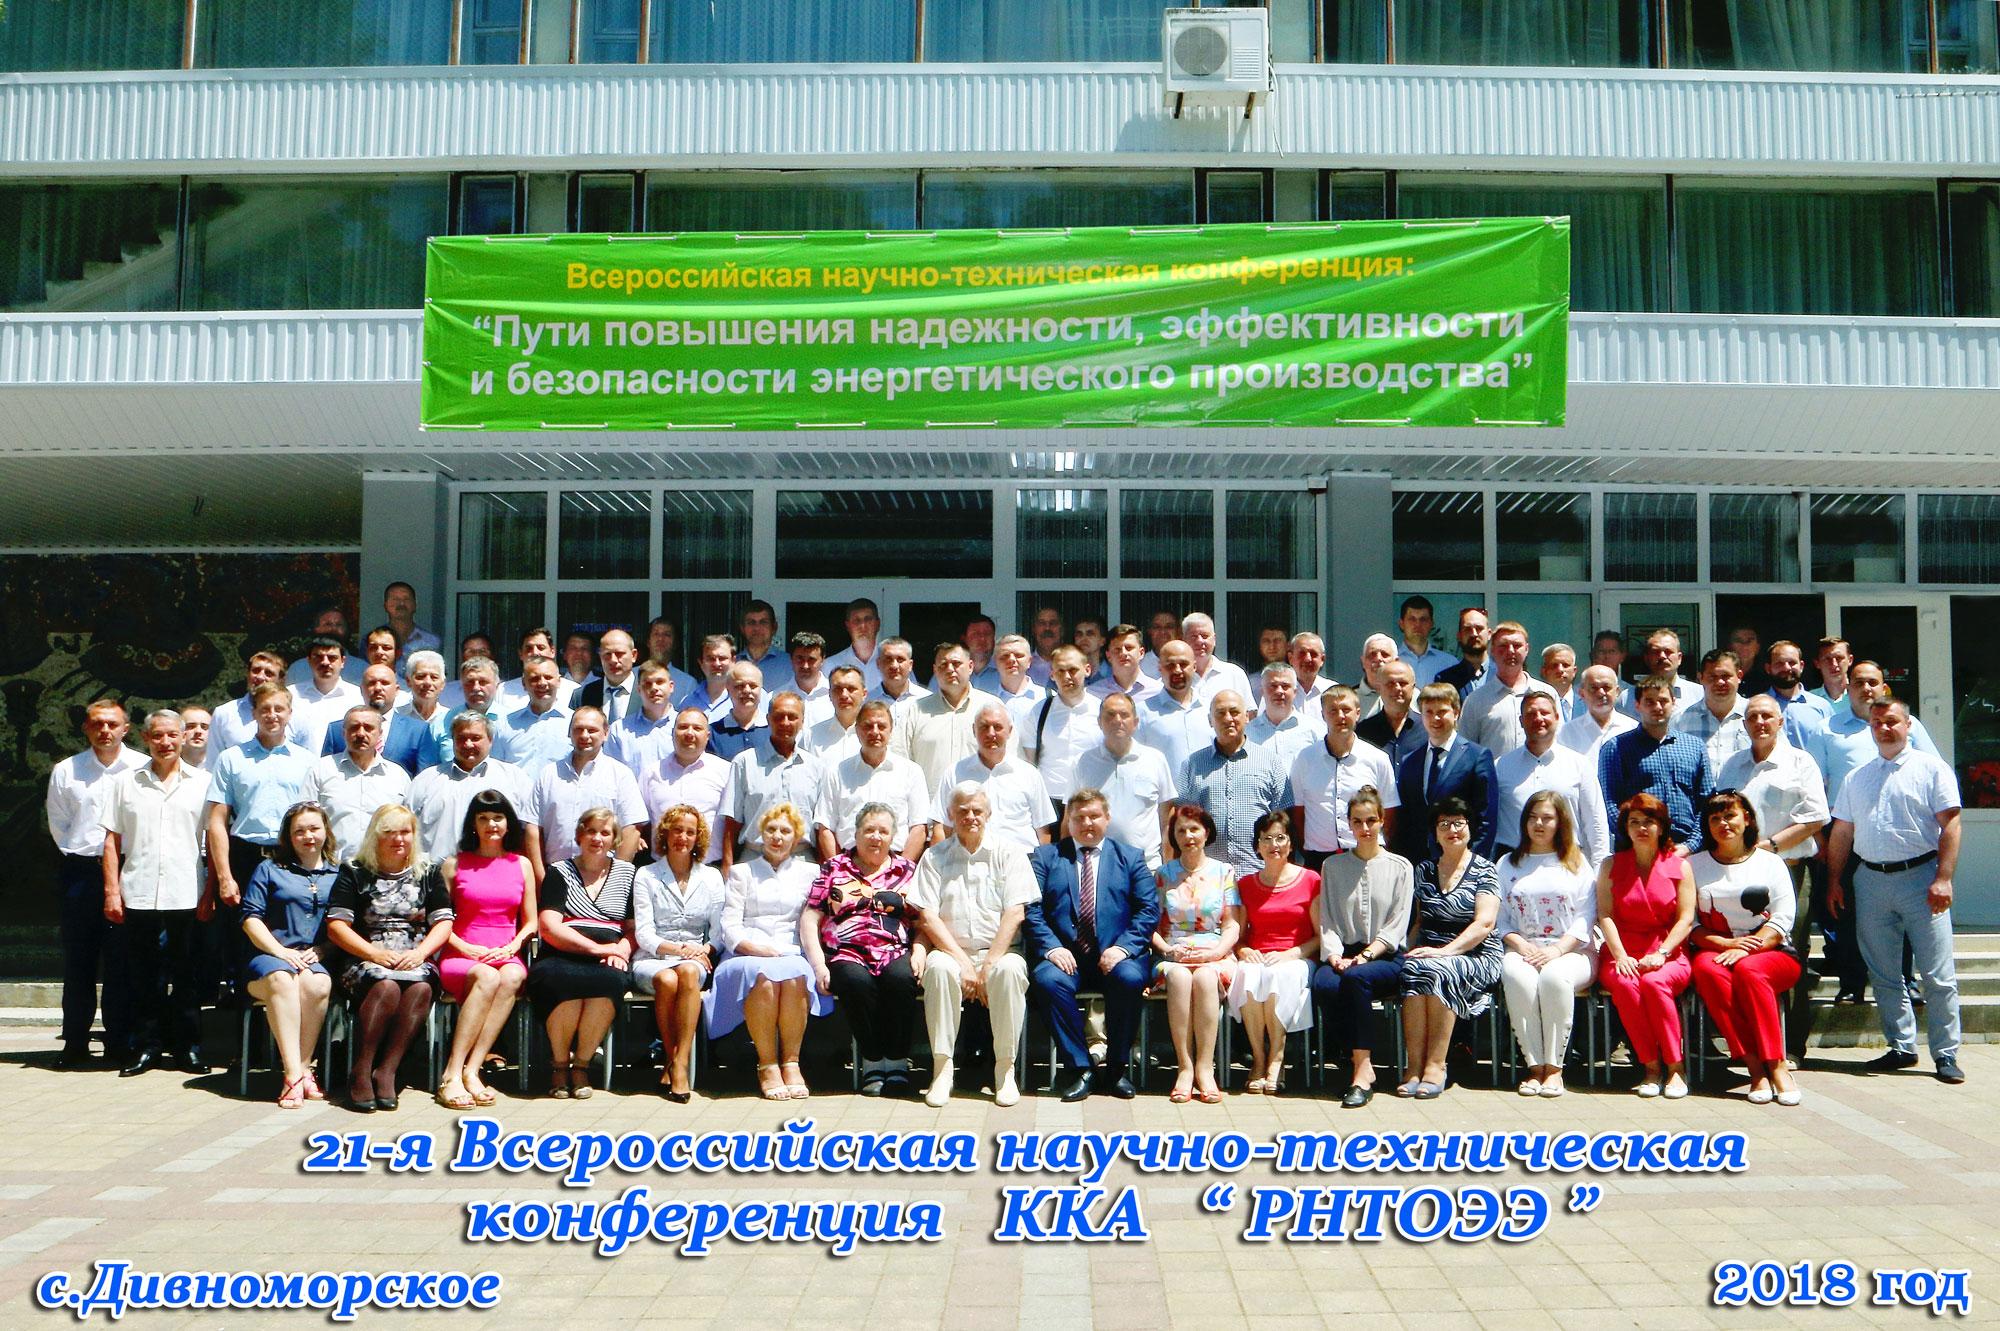 21-я Всероссийская научно-техническая конференция